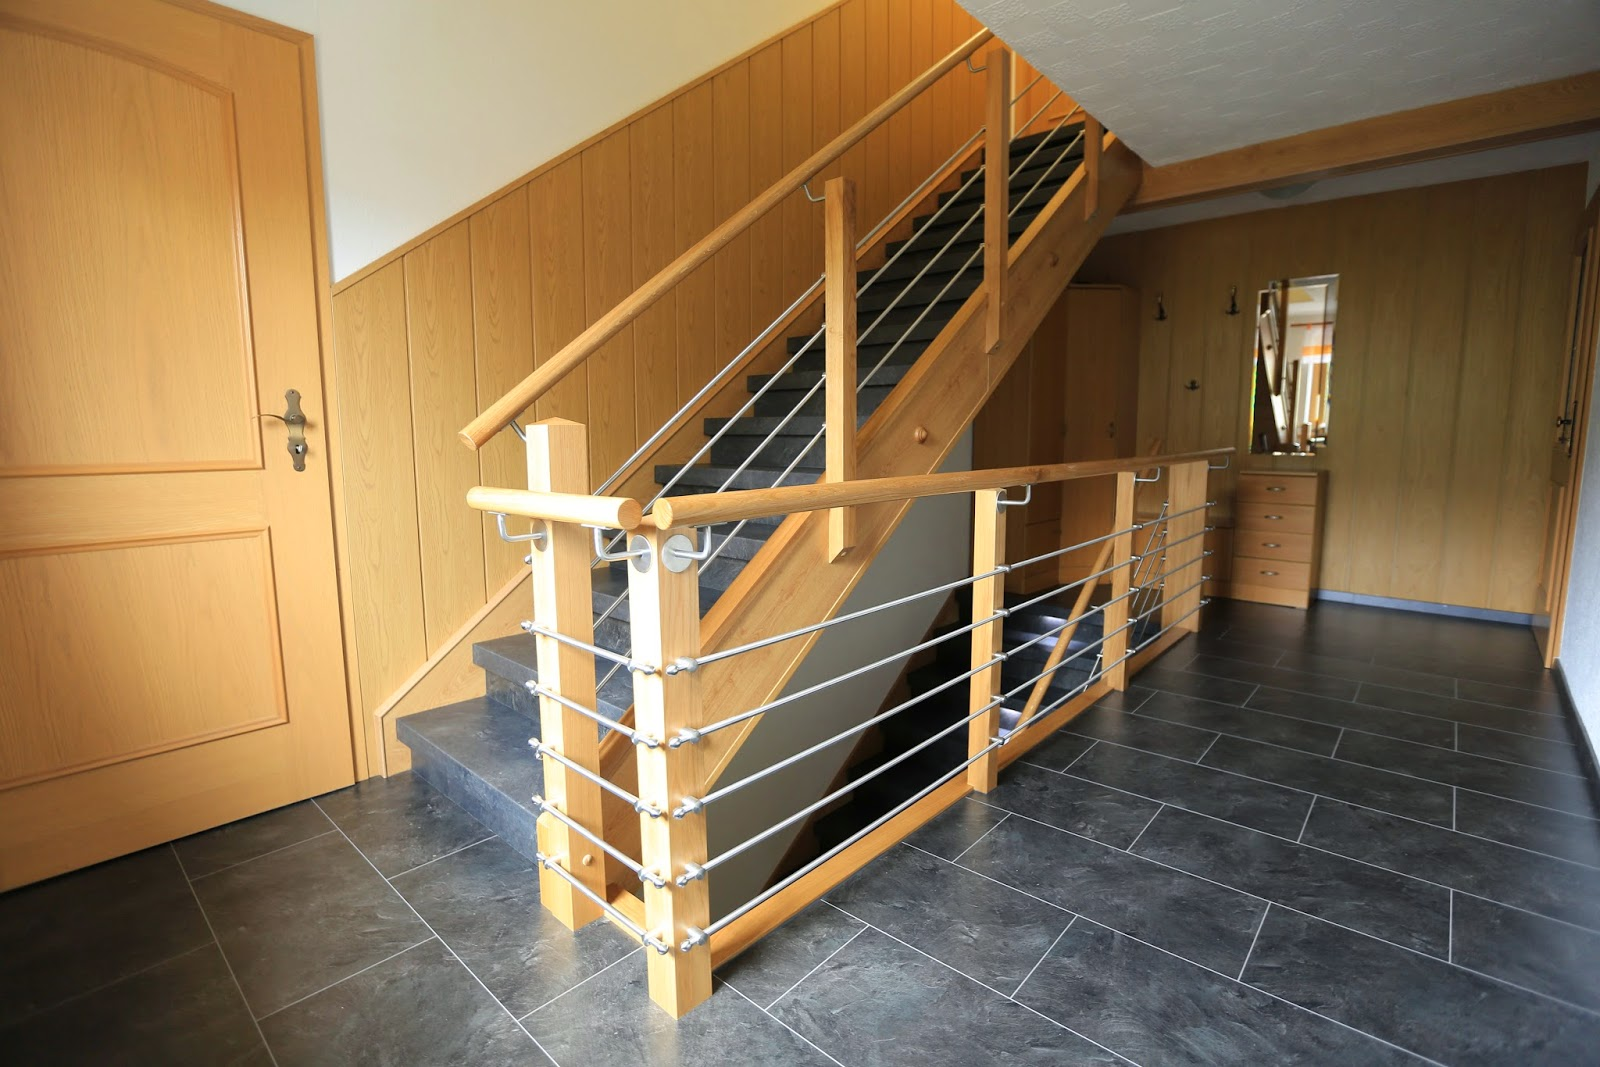 h&k treppenrenovierung: treppenstufen renovieren - so geht es richtig